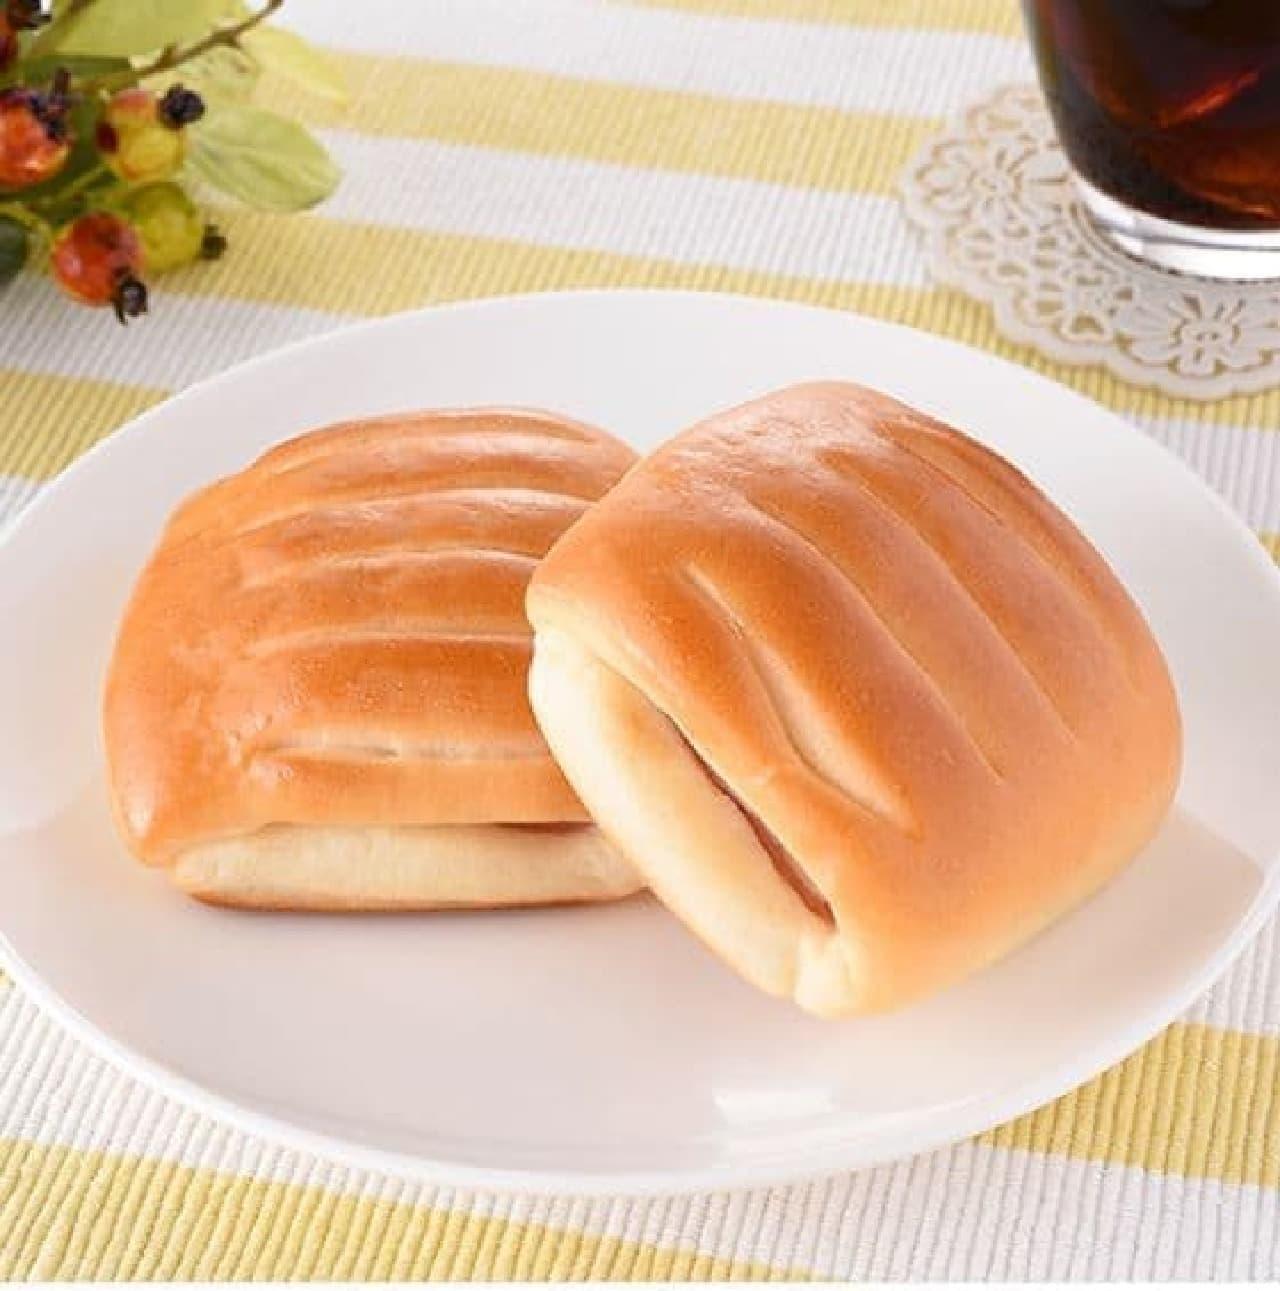 ファミリーマート「しっとりハムチーズマヨネーズ」